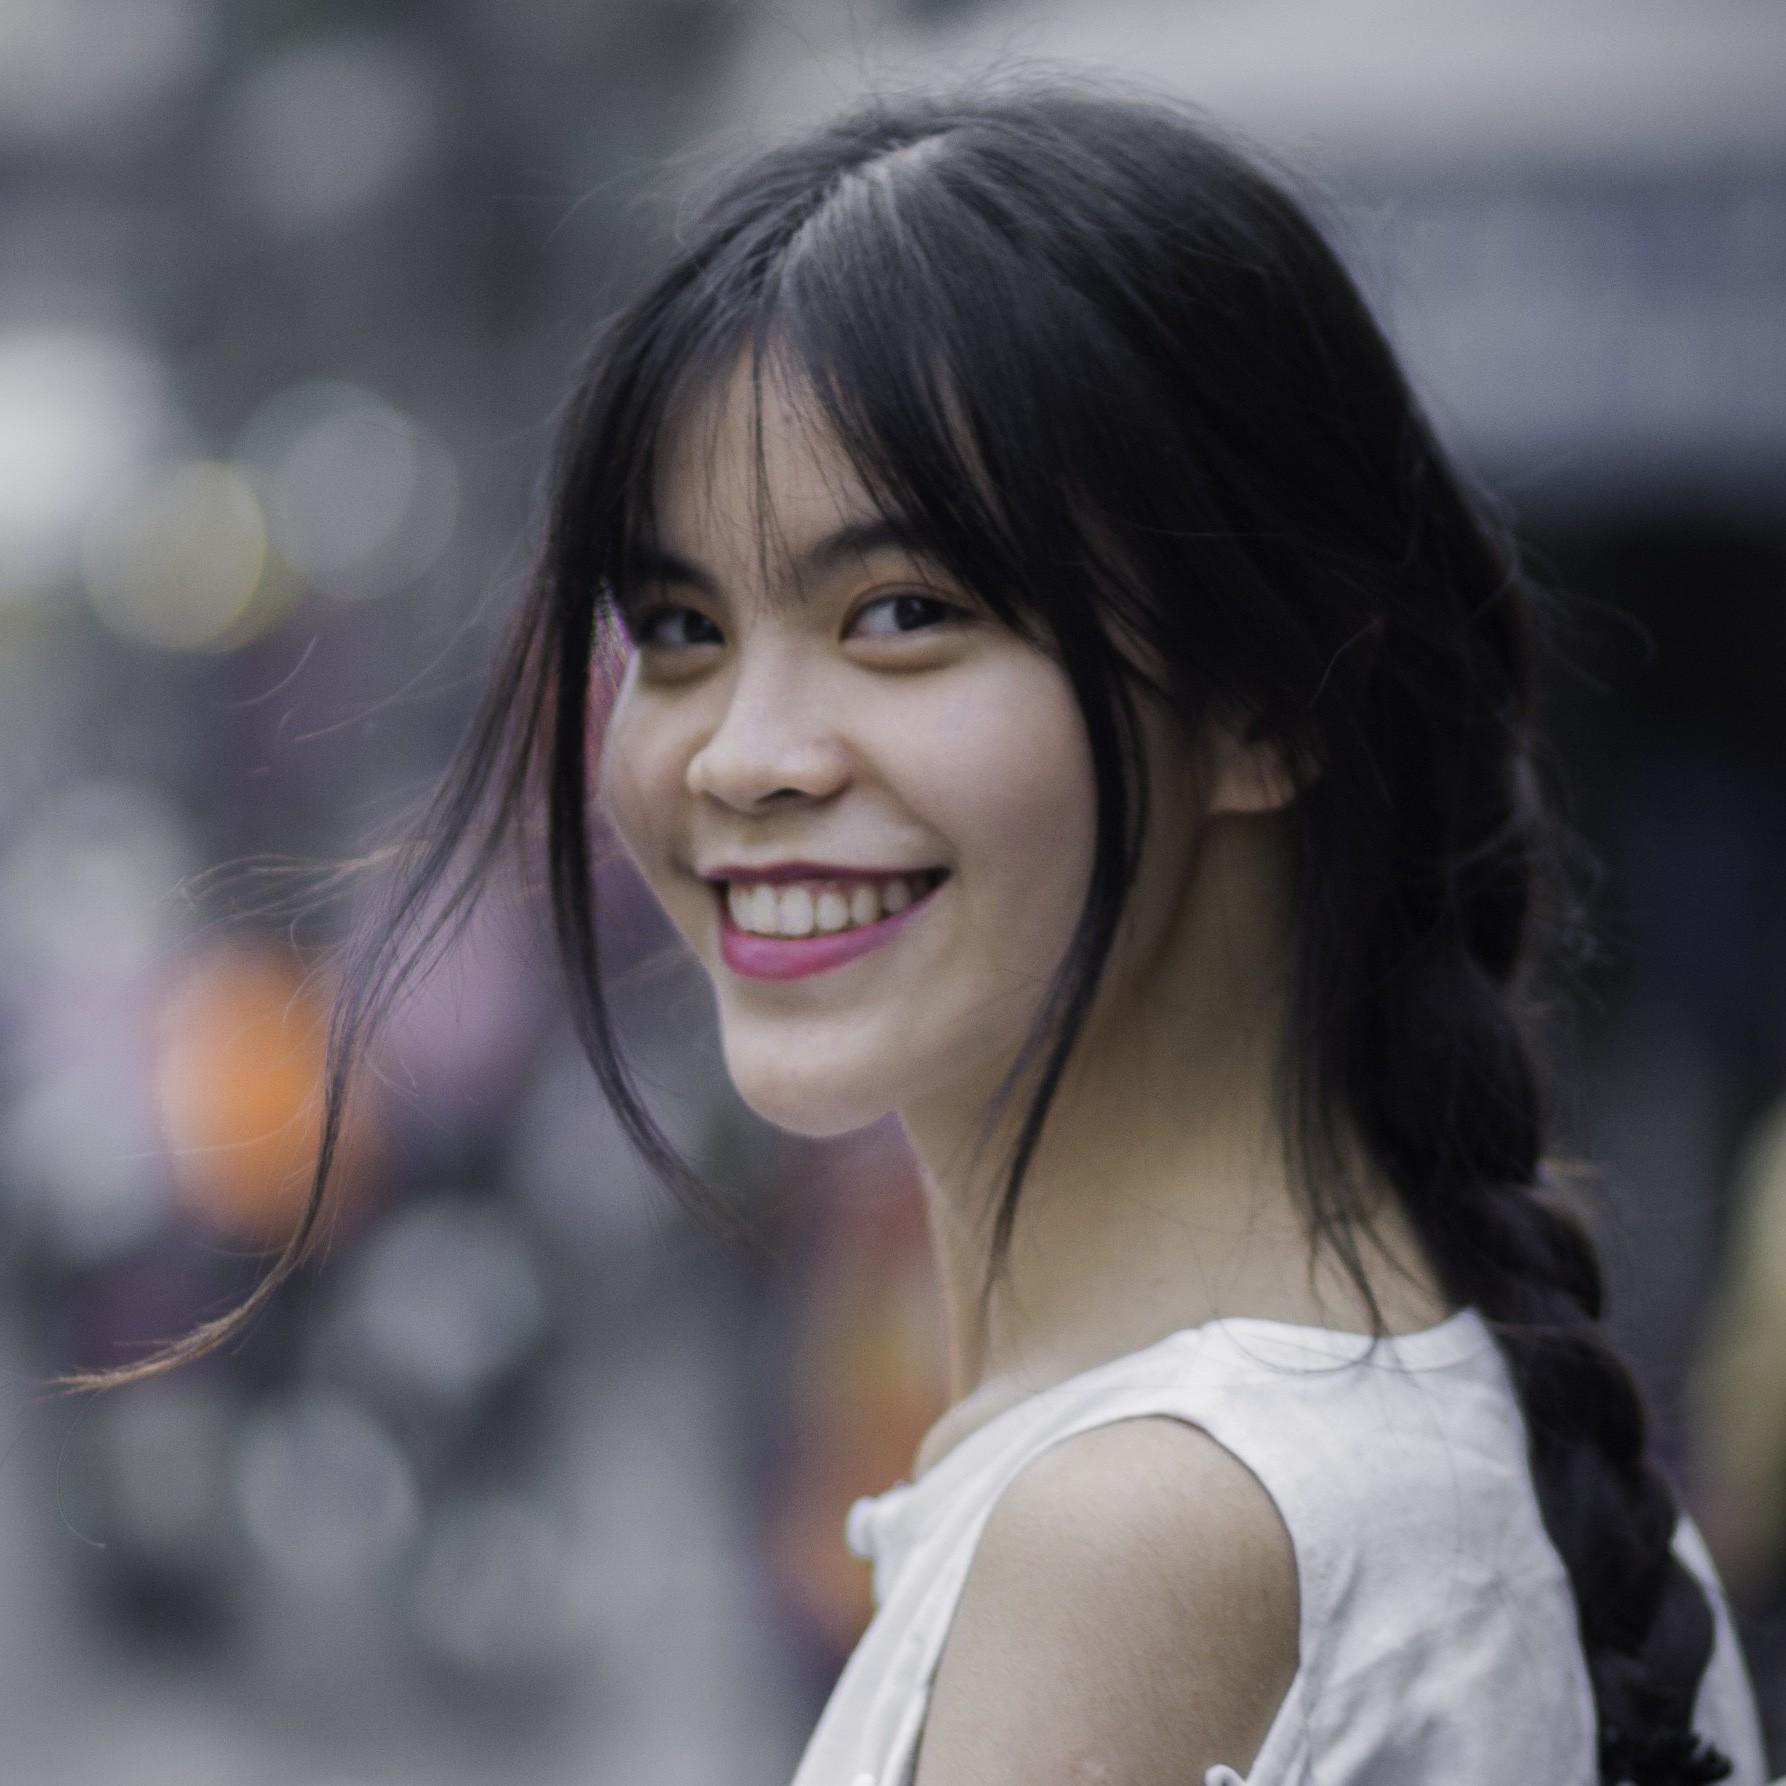 Nữ sinh Ams trúng tuyển ĐH hàng đầu thế giới nhờ viết luận về không khí nồm ở Hà Nội - Ảnh 2.